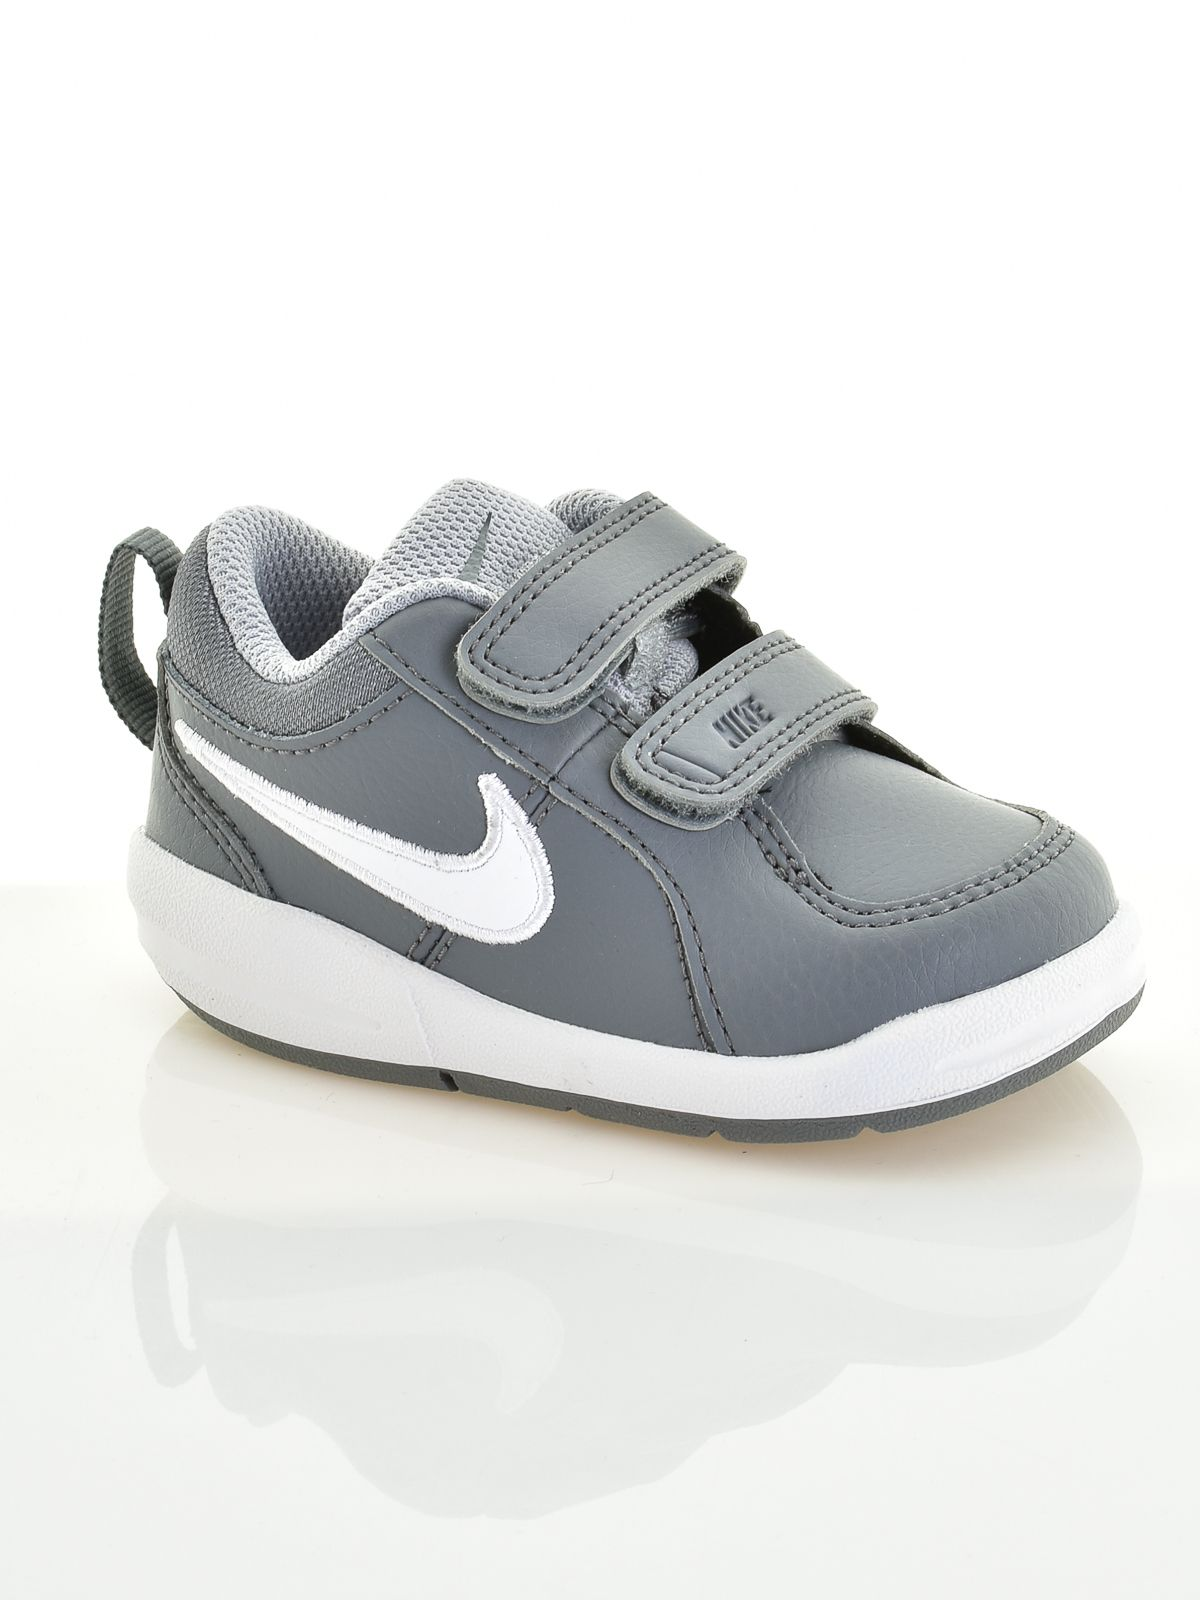 Nike bébi fiú cipő PICO 4 (TDV) ... bb9a9f24c4